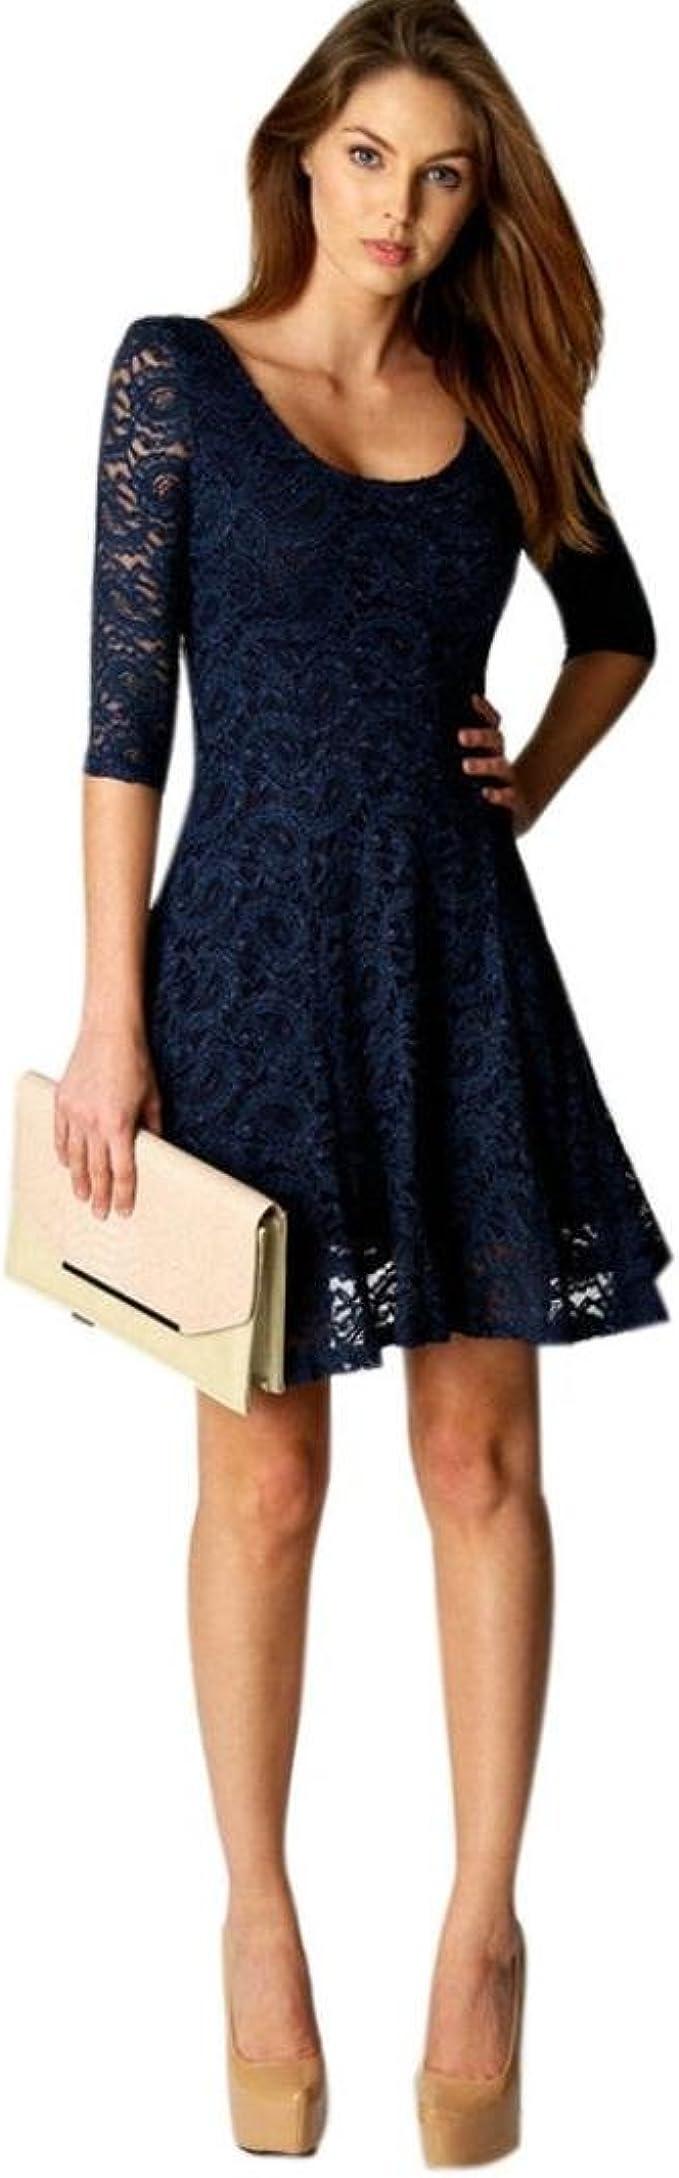 JERFER Kleid Mode Frau Spitze Hälfte Ärmel Party Abend Kurz Mini